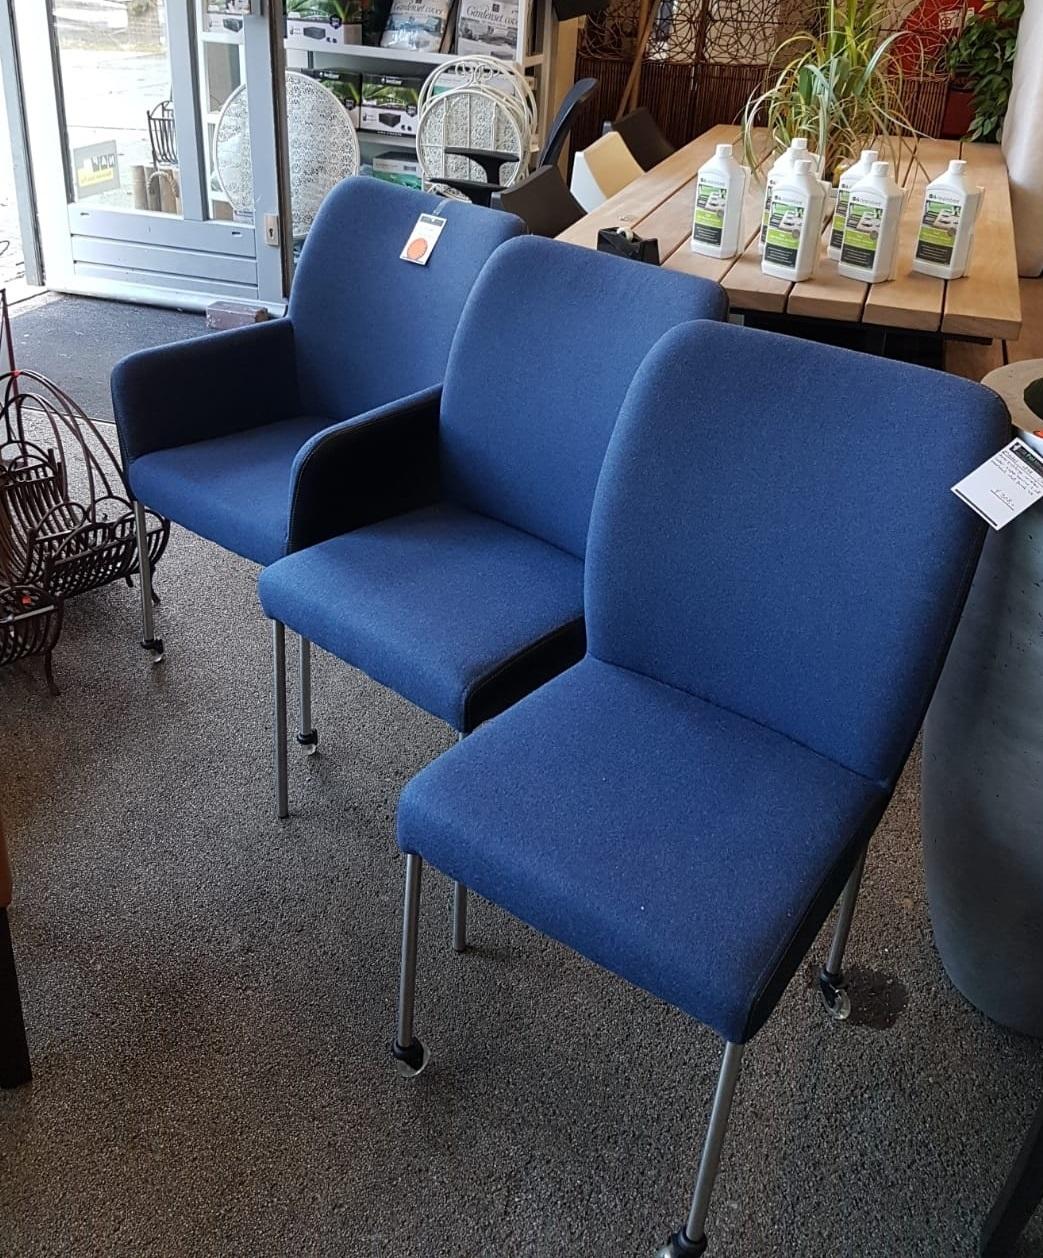 set 3 x stoel petrol Rvs design